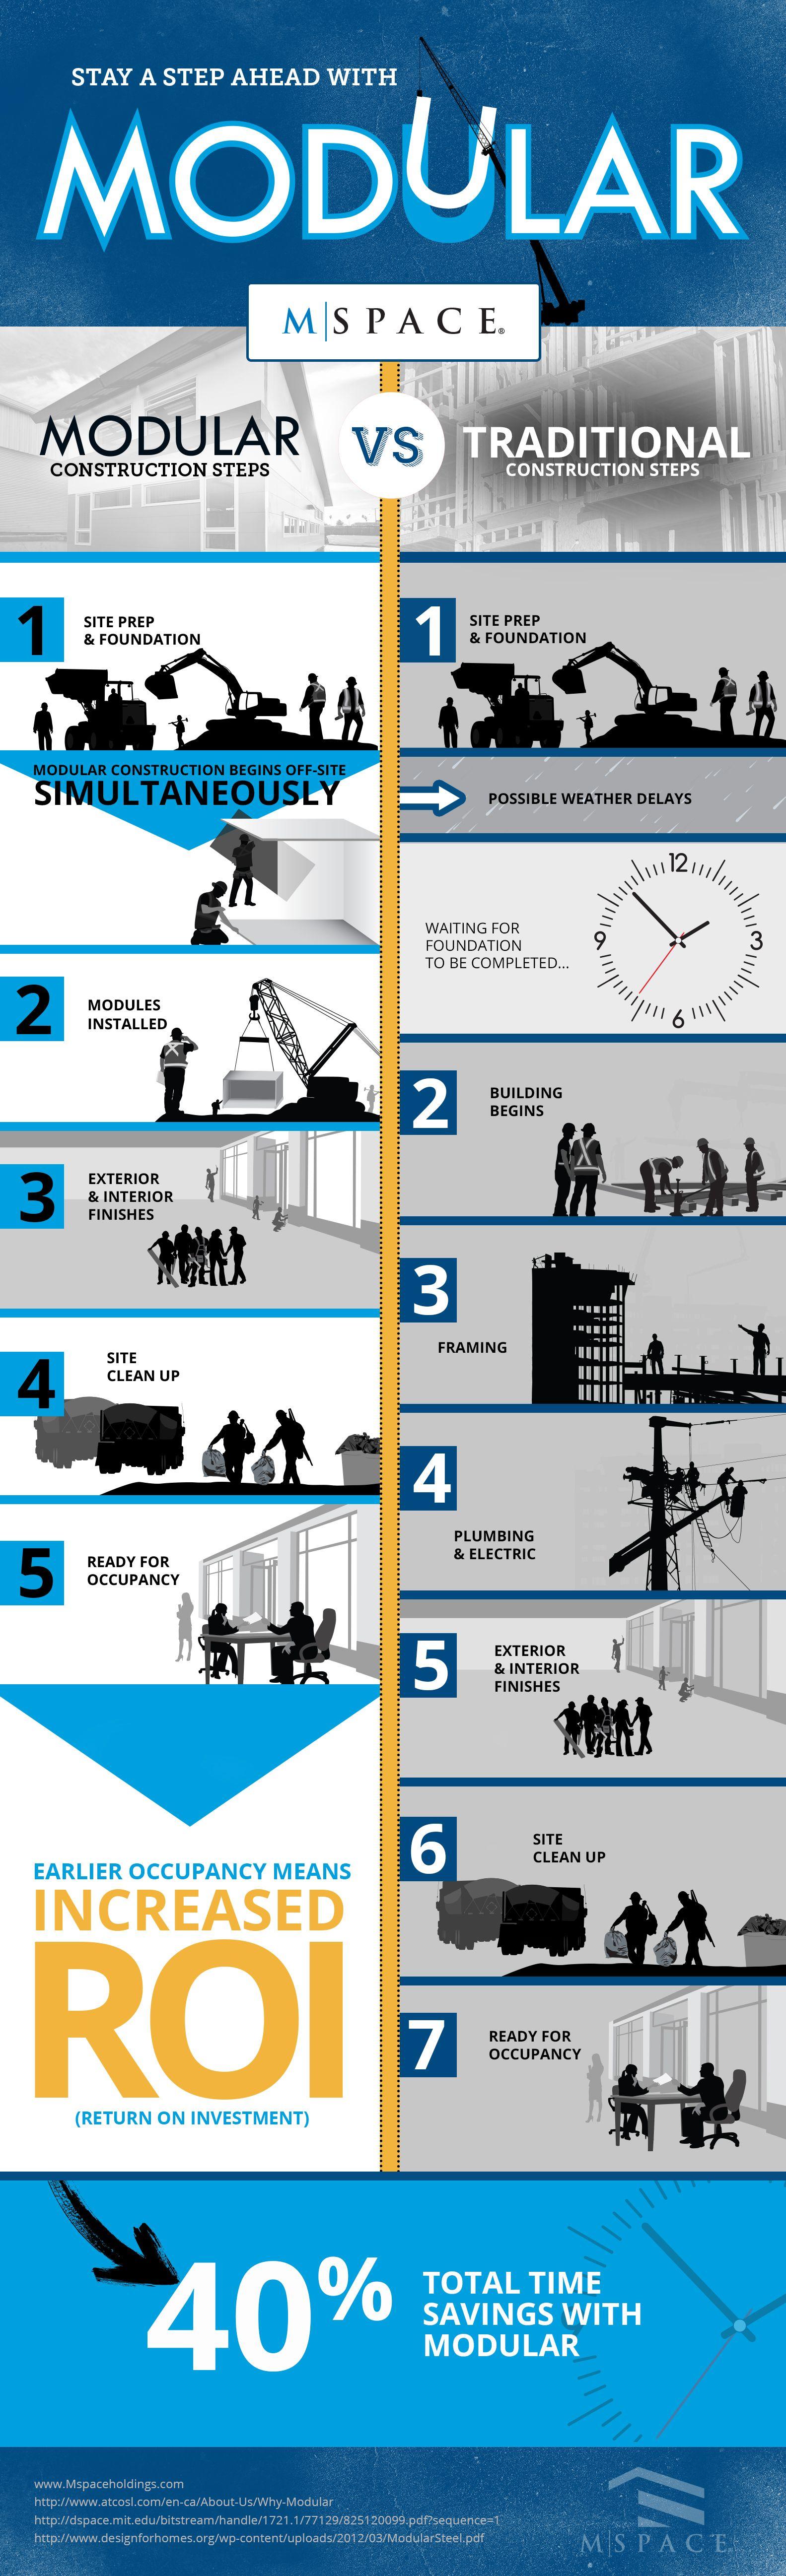 Modular vs traditional infographic modular learn more Modular home vs regular home